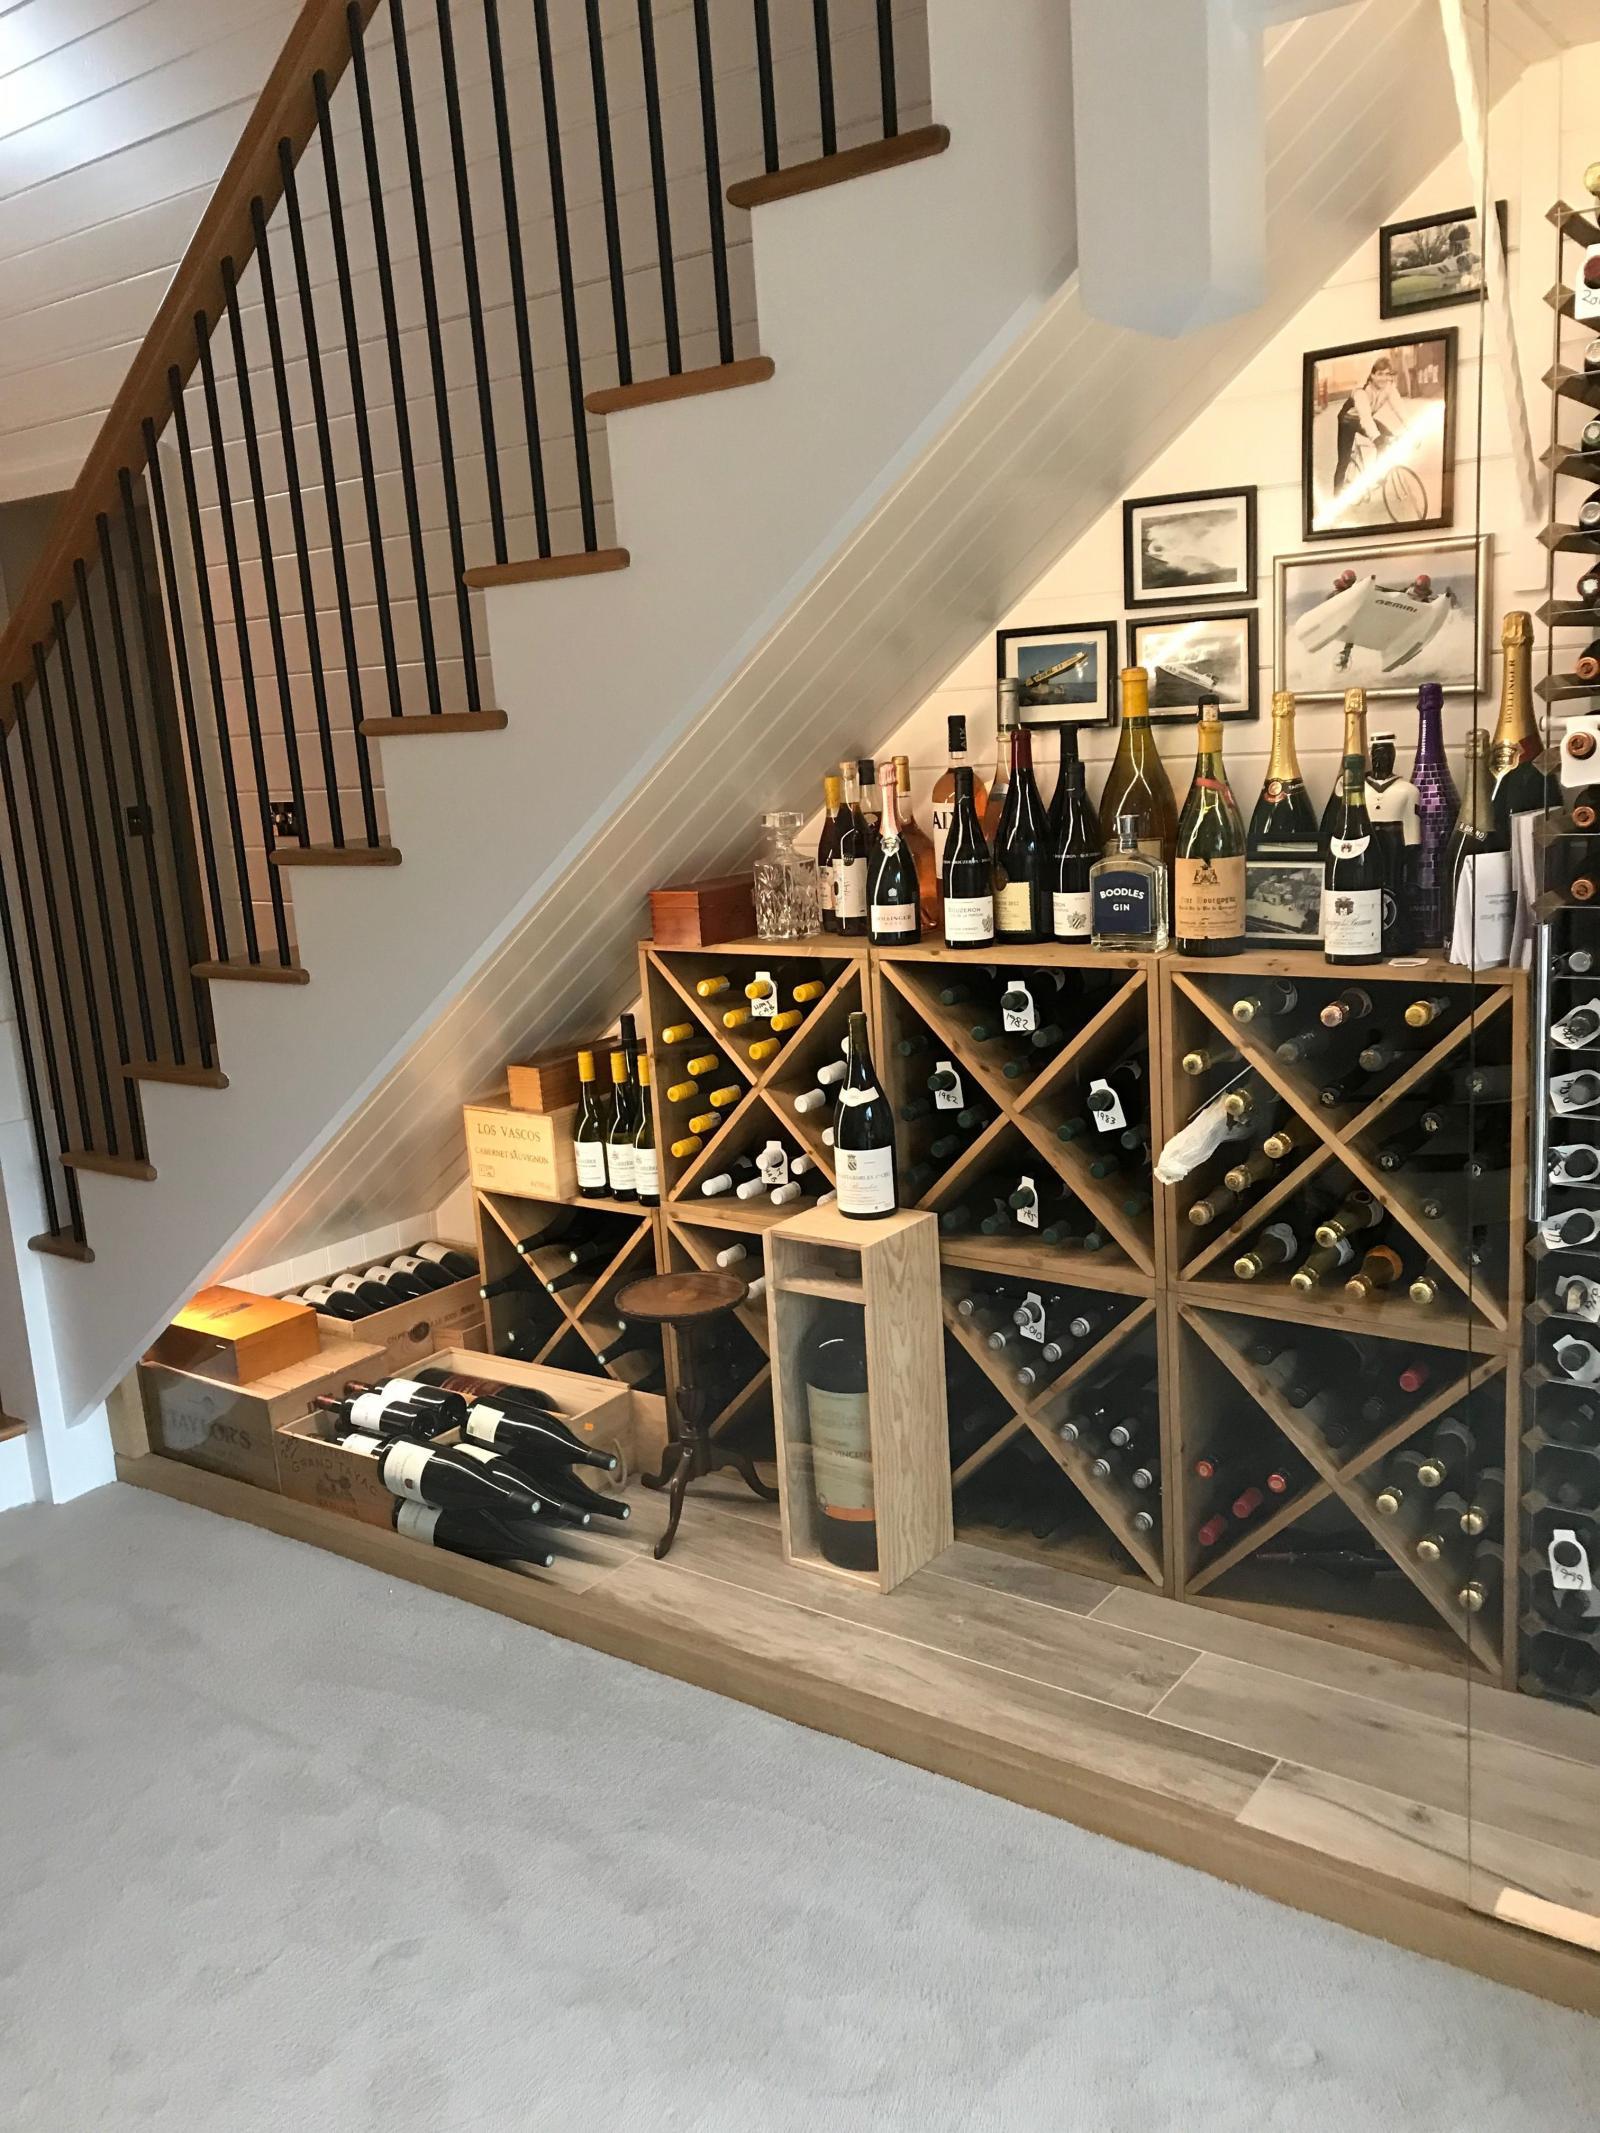 Thiết kế tủ rượu ở gầm cầu thang